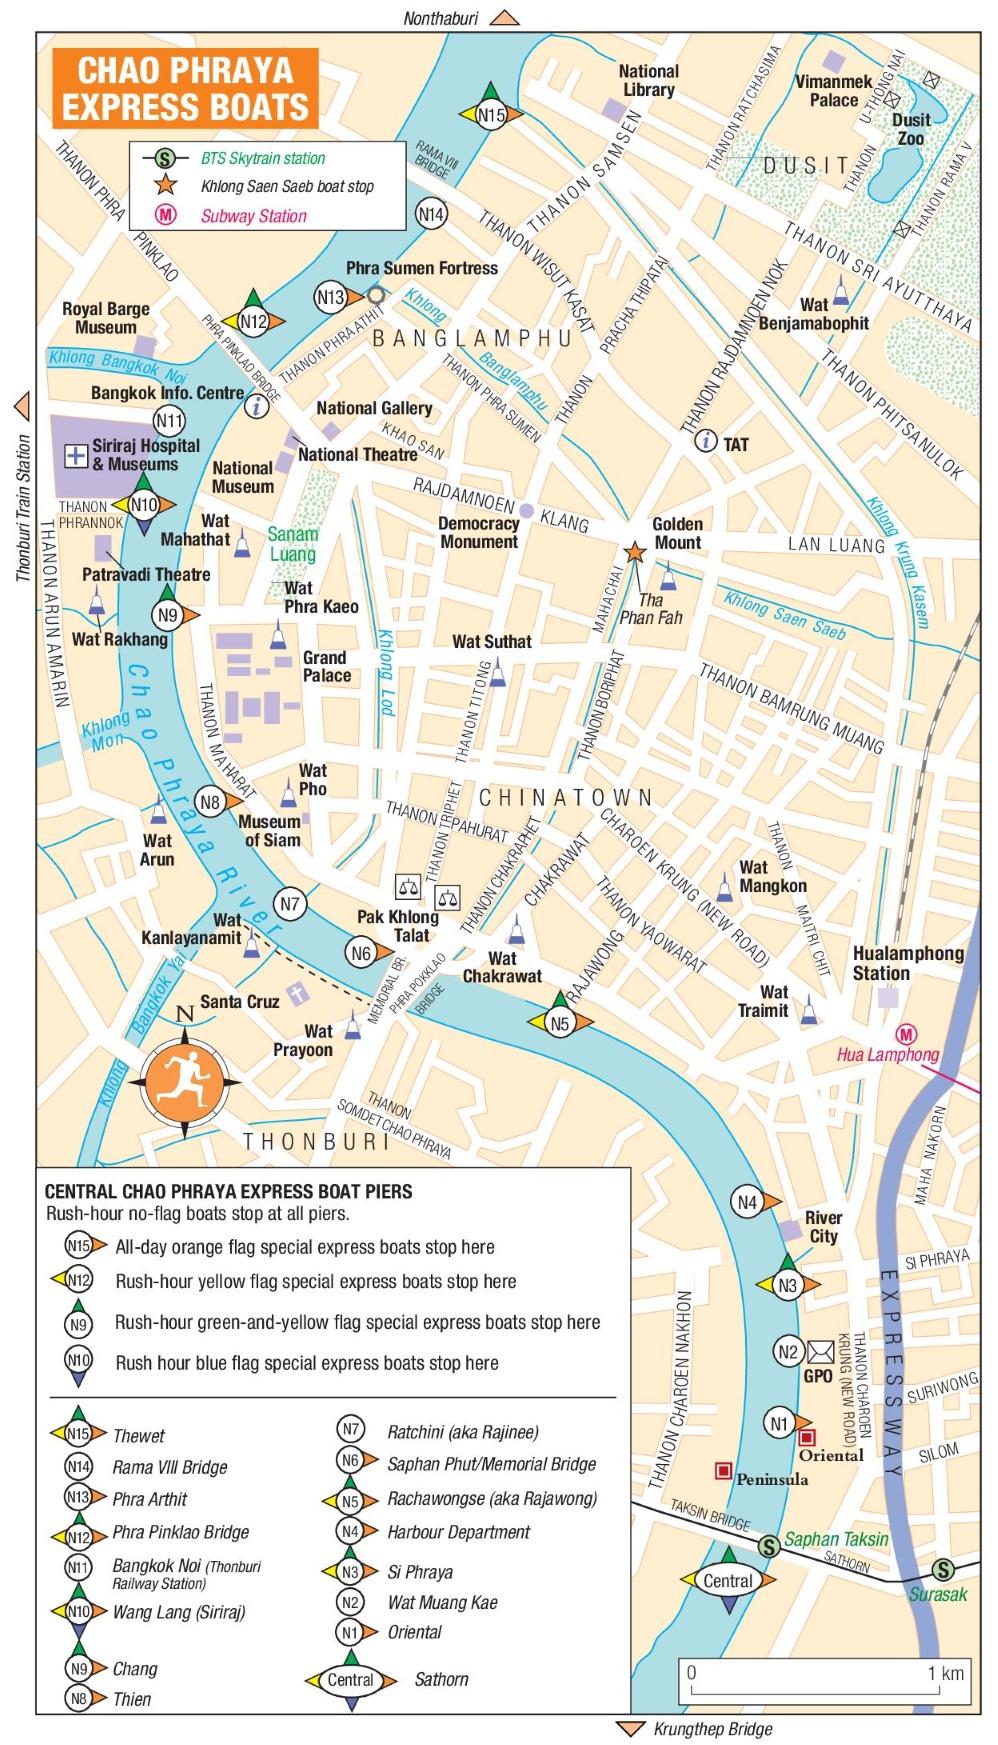 Chao Phraya Express Boats map Bangkok